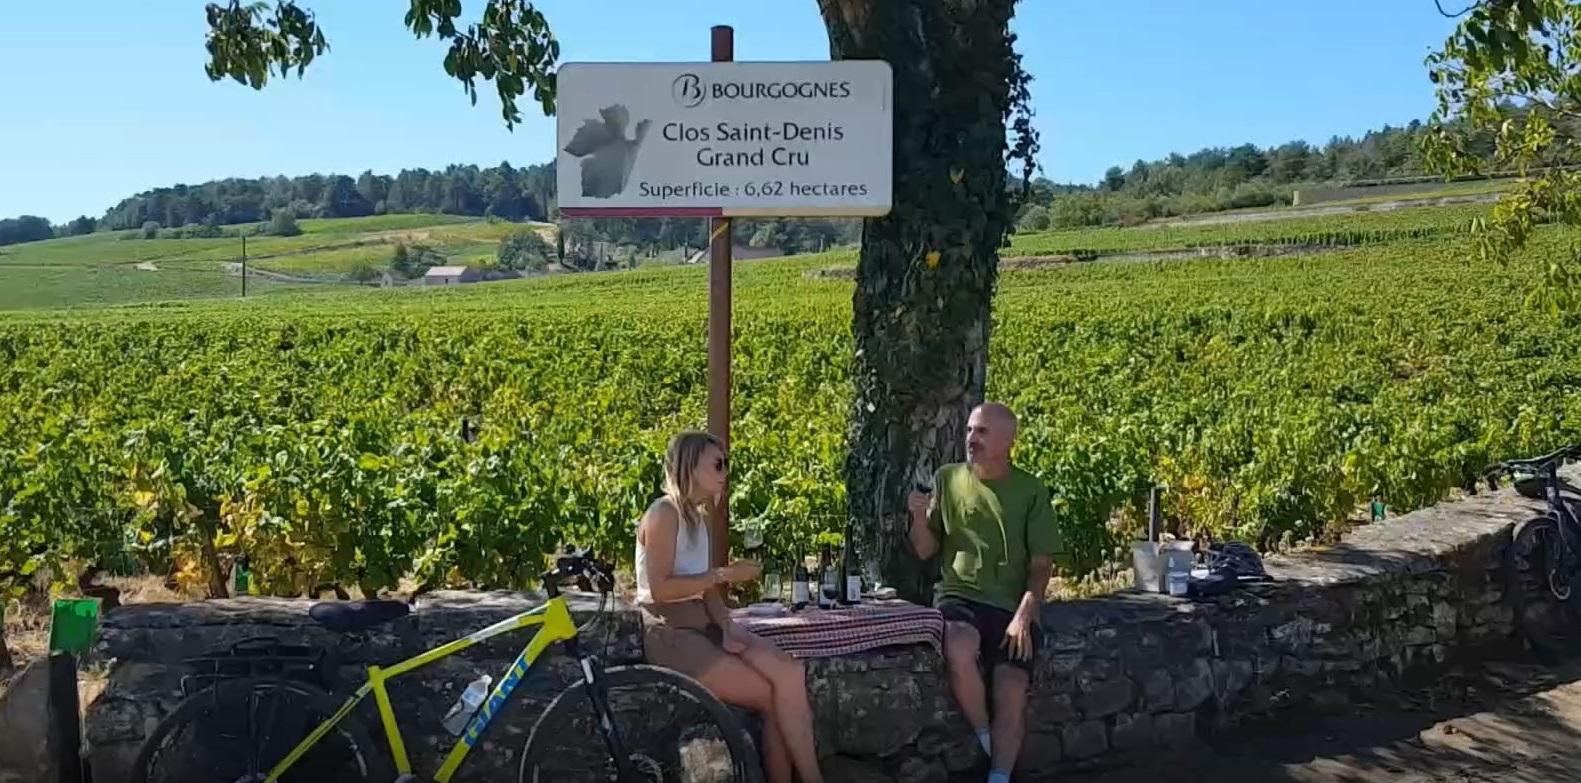 vélo et vin en Bourgogne